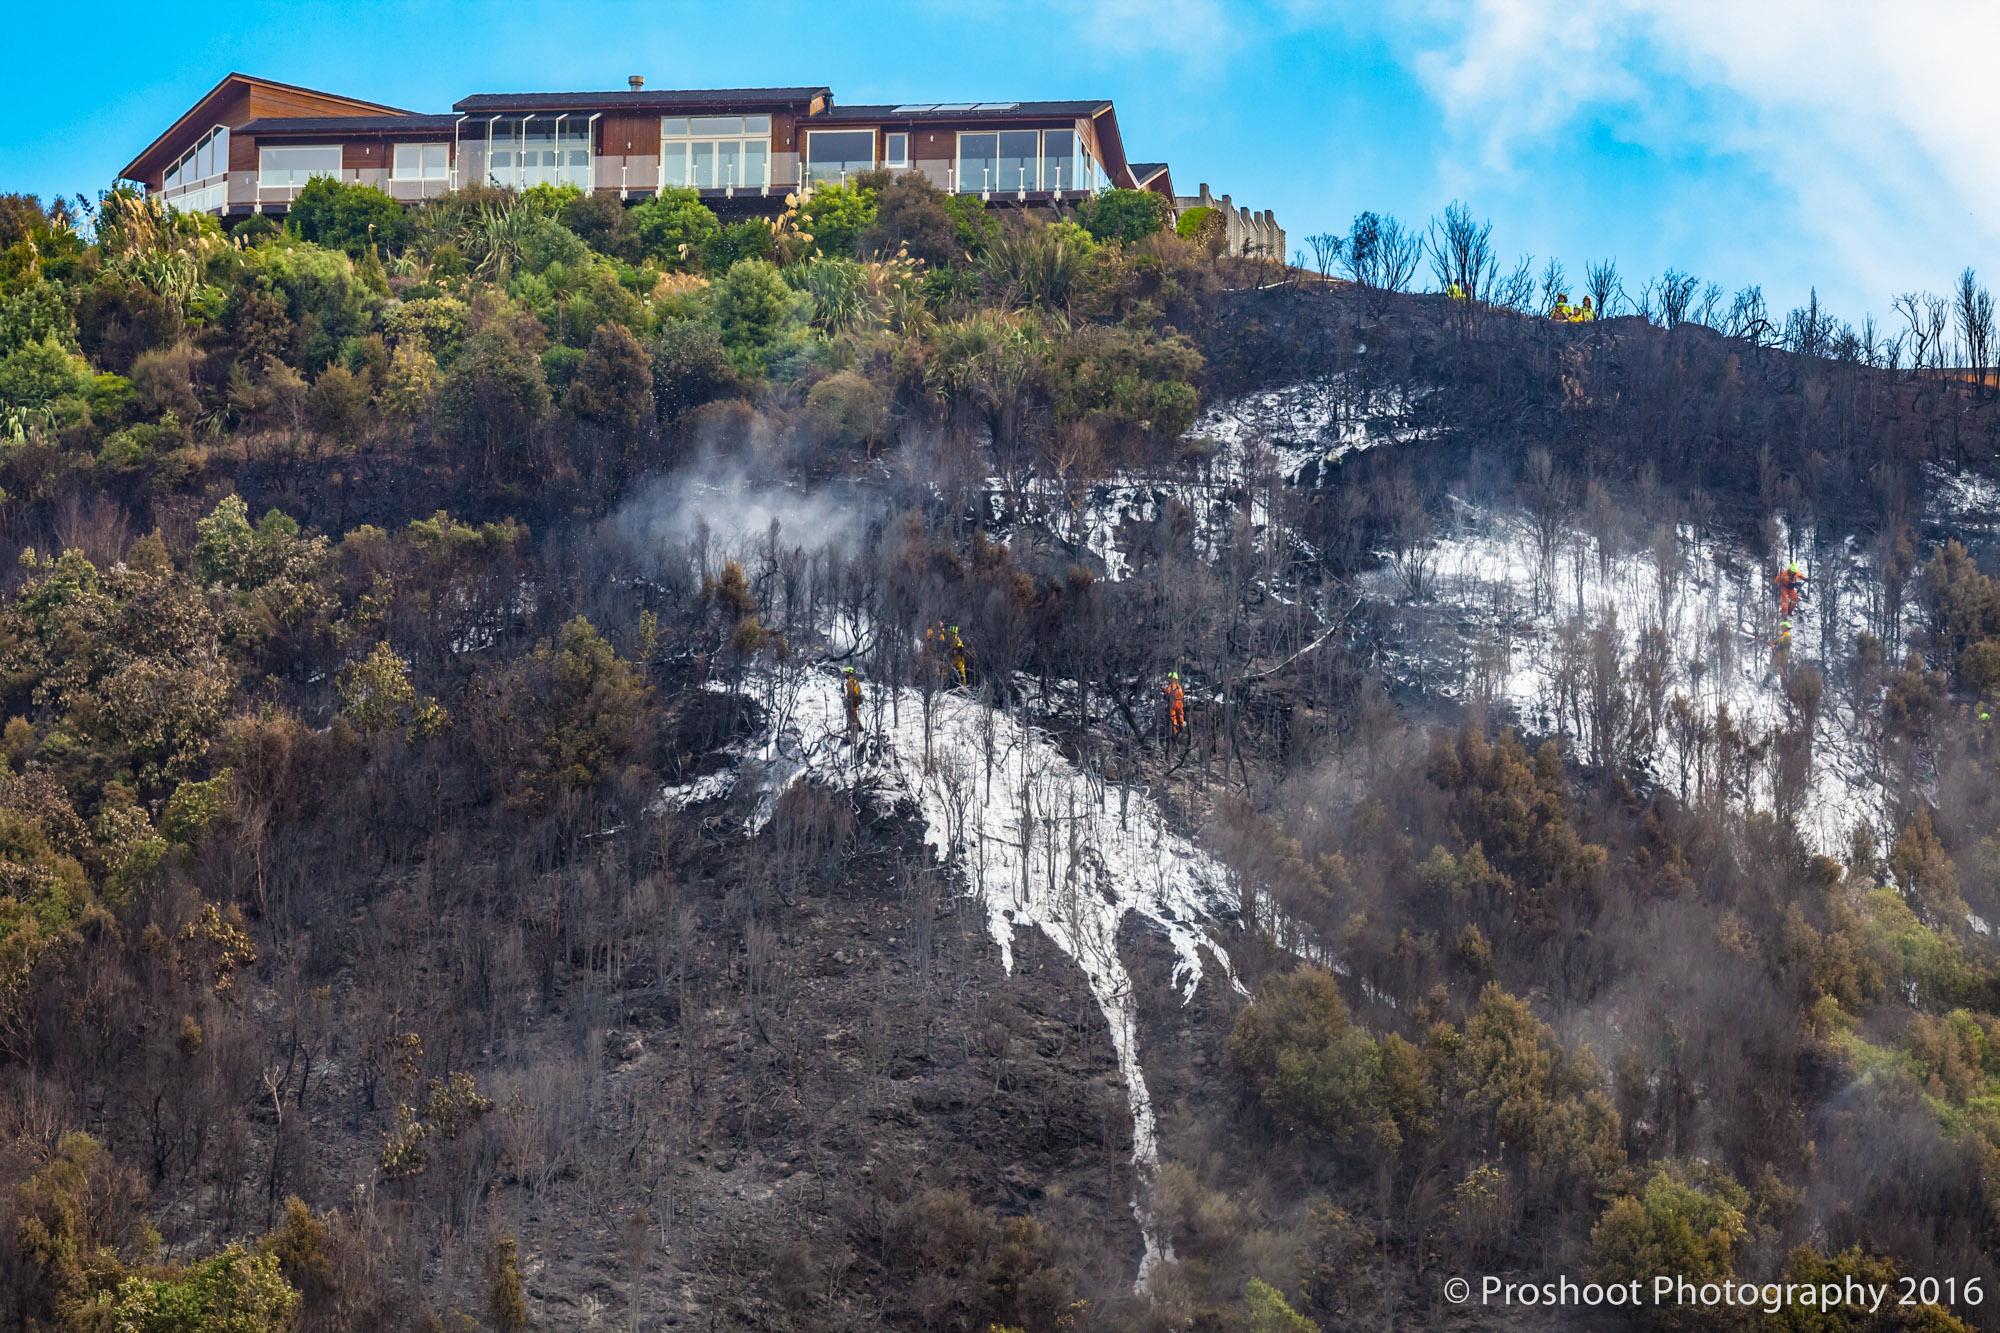 Te Marua Rural Fire 9494